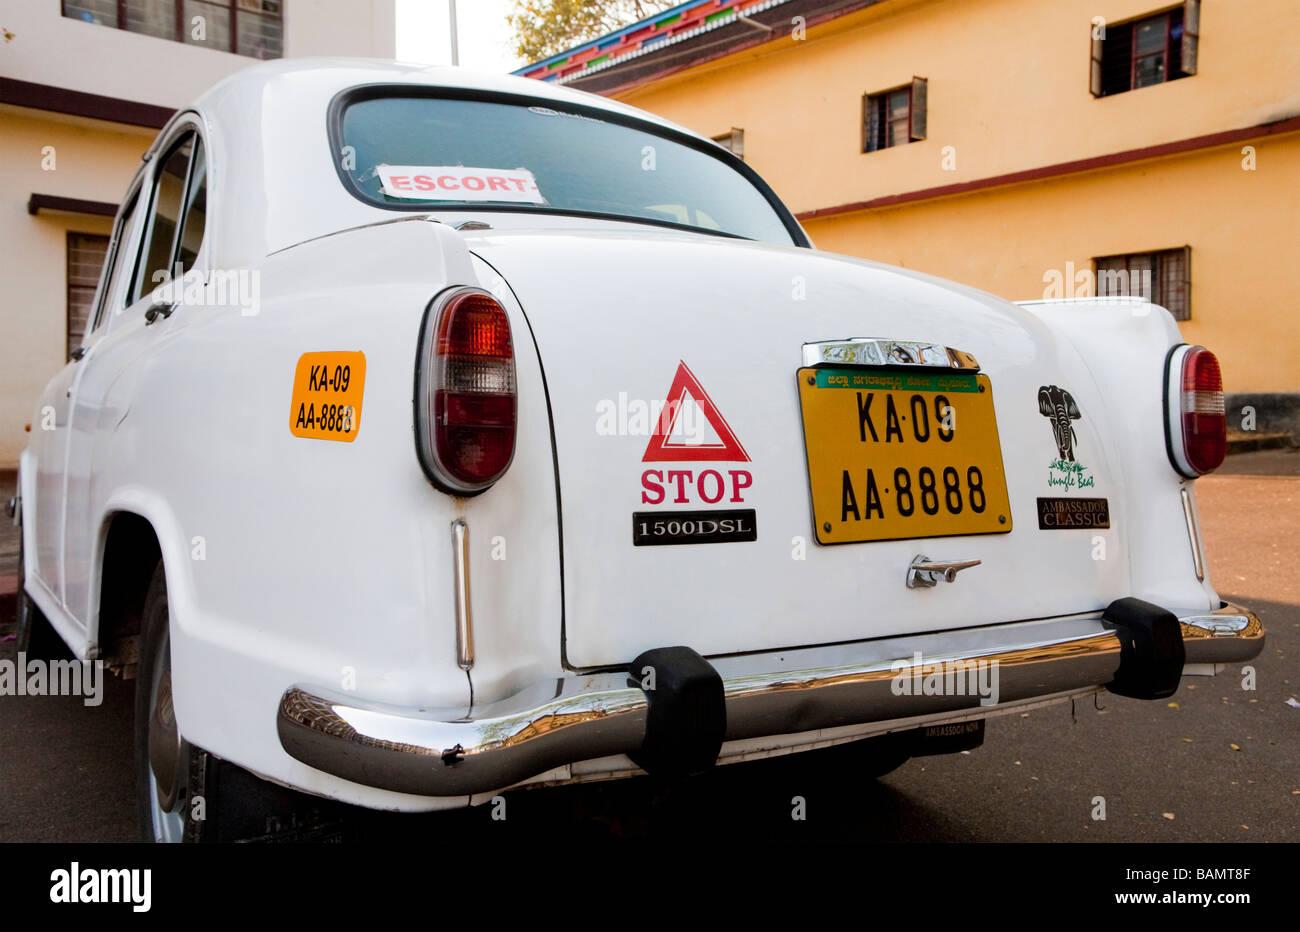 Classic Ambassador Taxi Car Rajasthan India - Stock Image